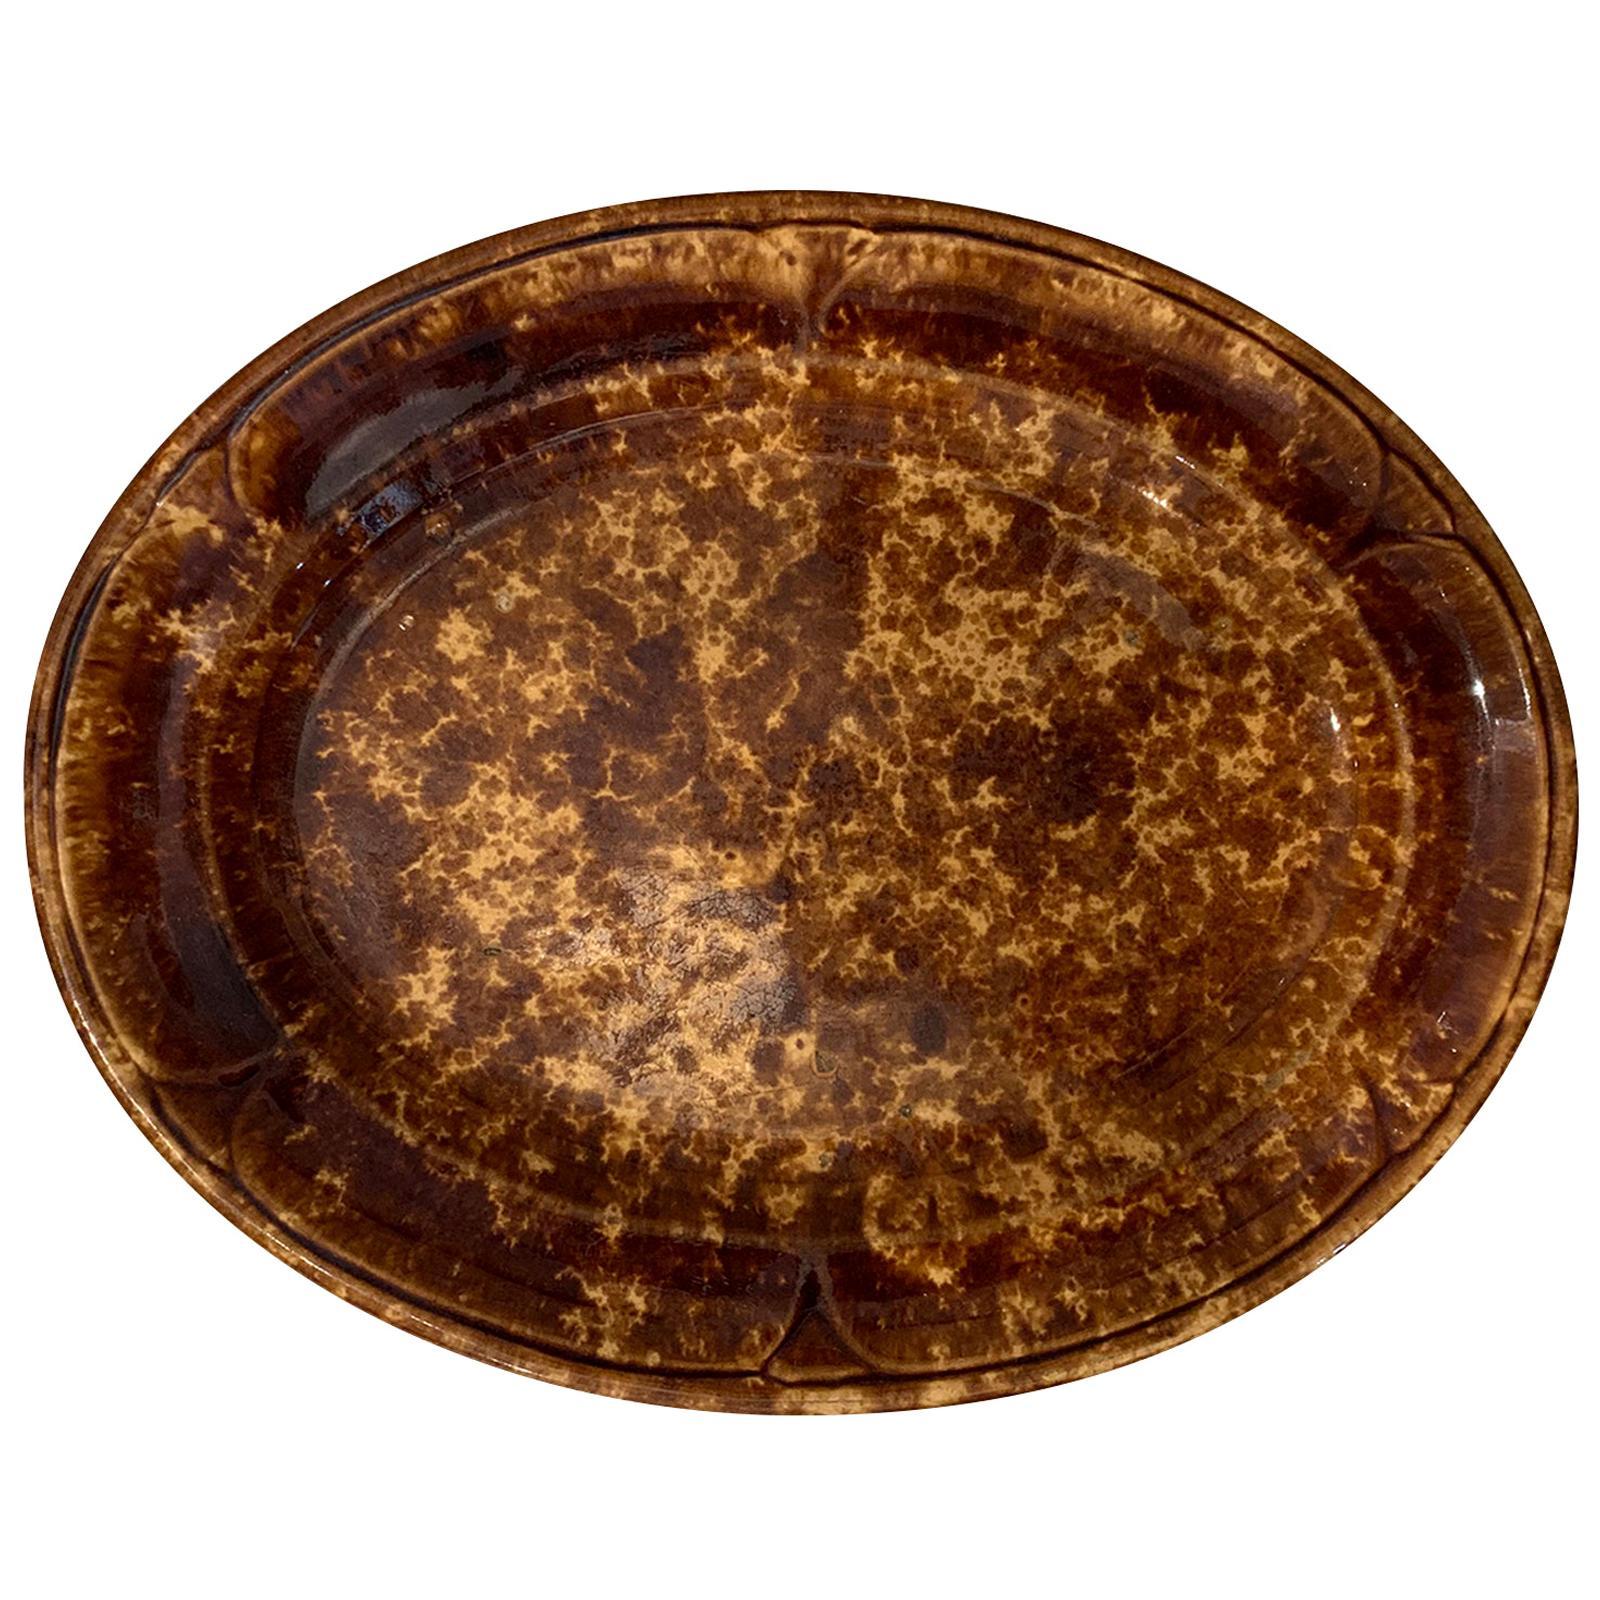 19th-20th Century Bennington Ware Pottery Oval Platter